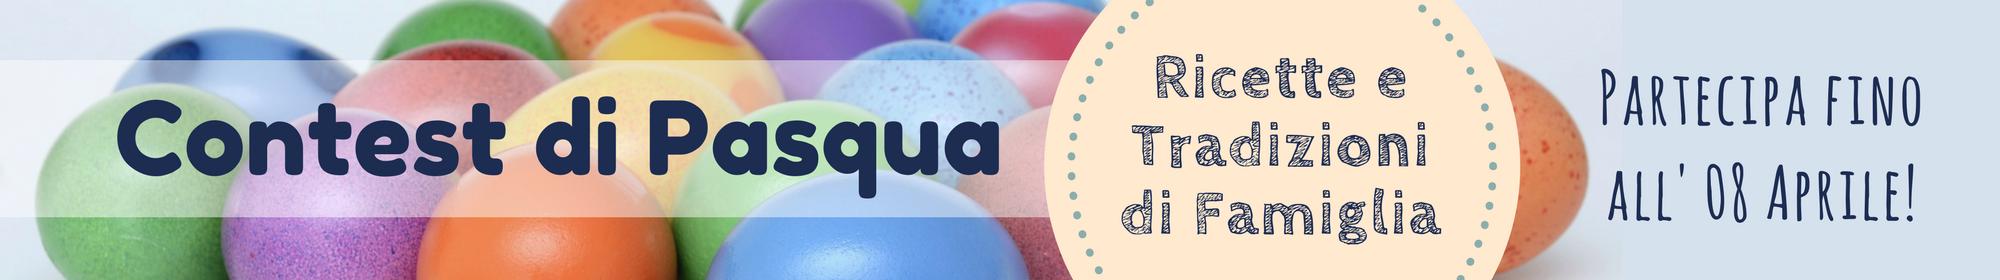 Contest di Pasqua - Ricette e Tradizioni di Famiglia